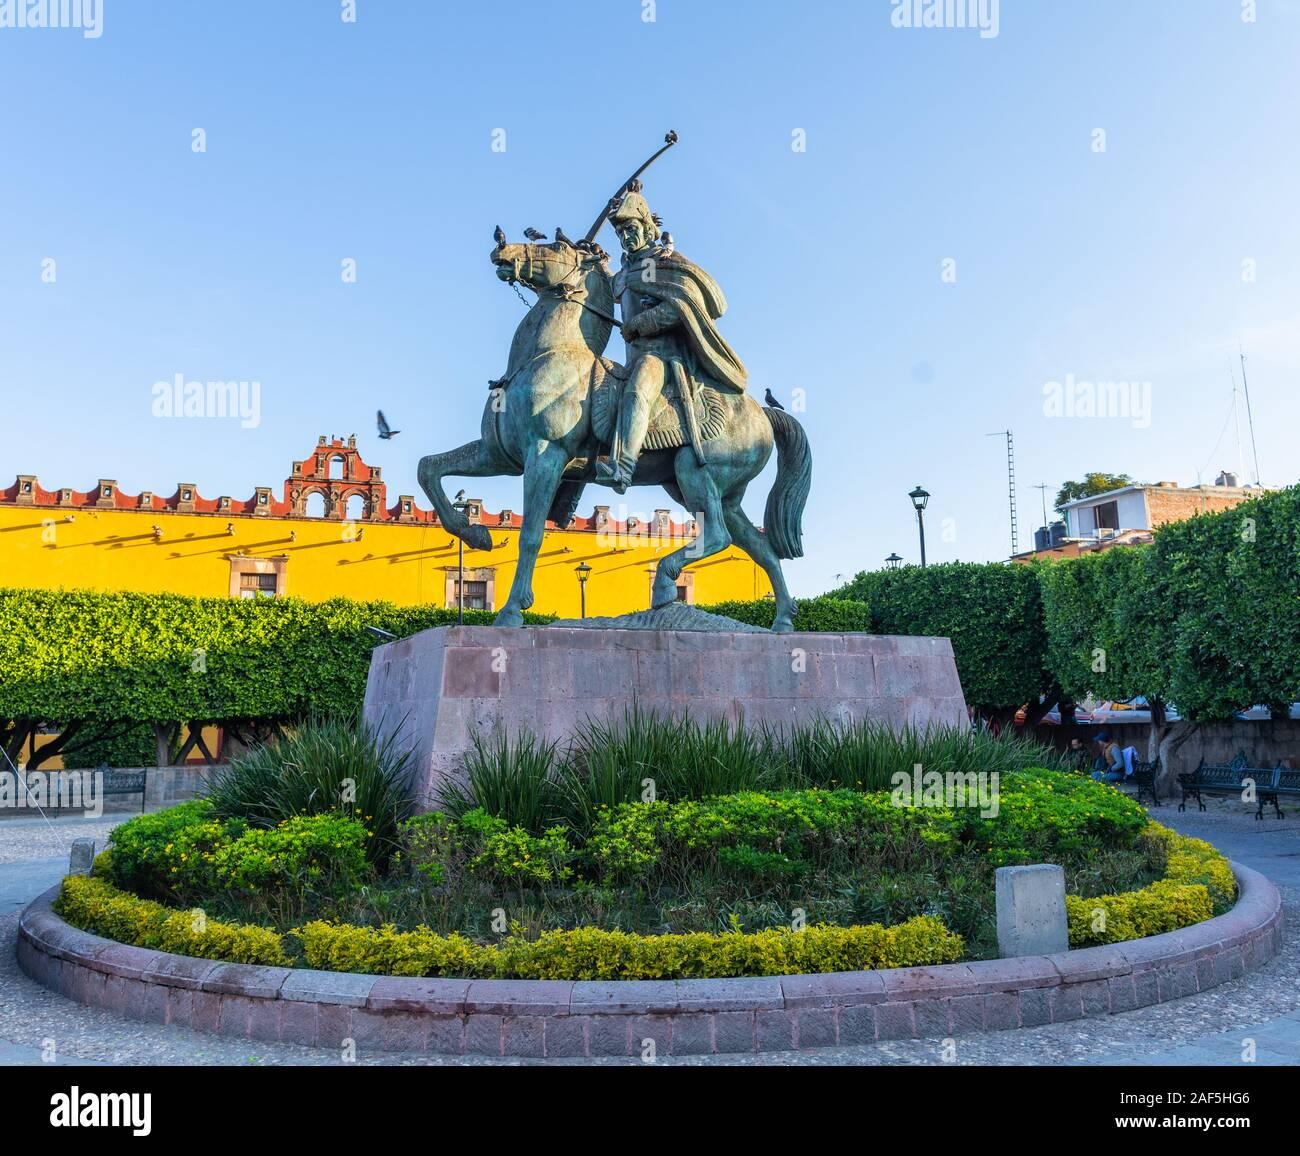 Statue der mexikanischen Unabhängigkeit Held Ignacio Allende in San Miguel de Allende, Guanajuato, Mexiko Stockfoto